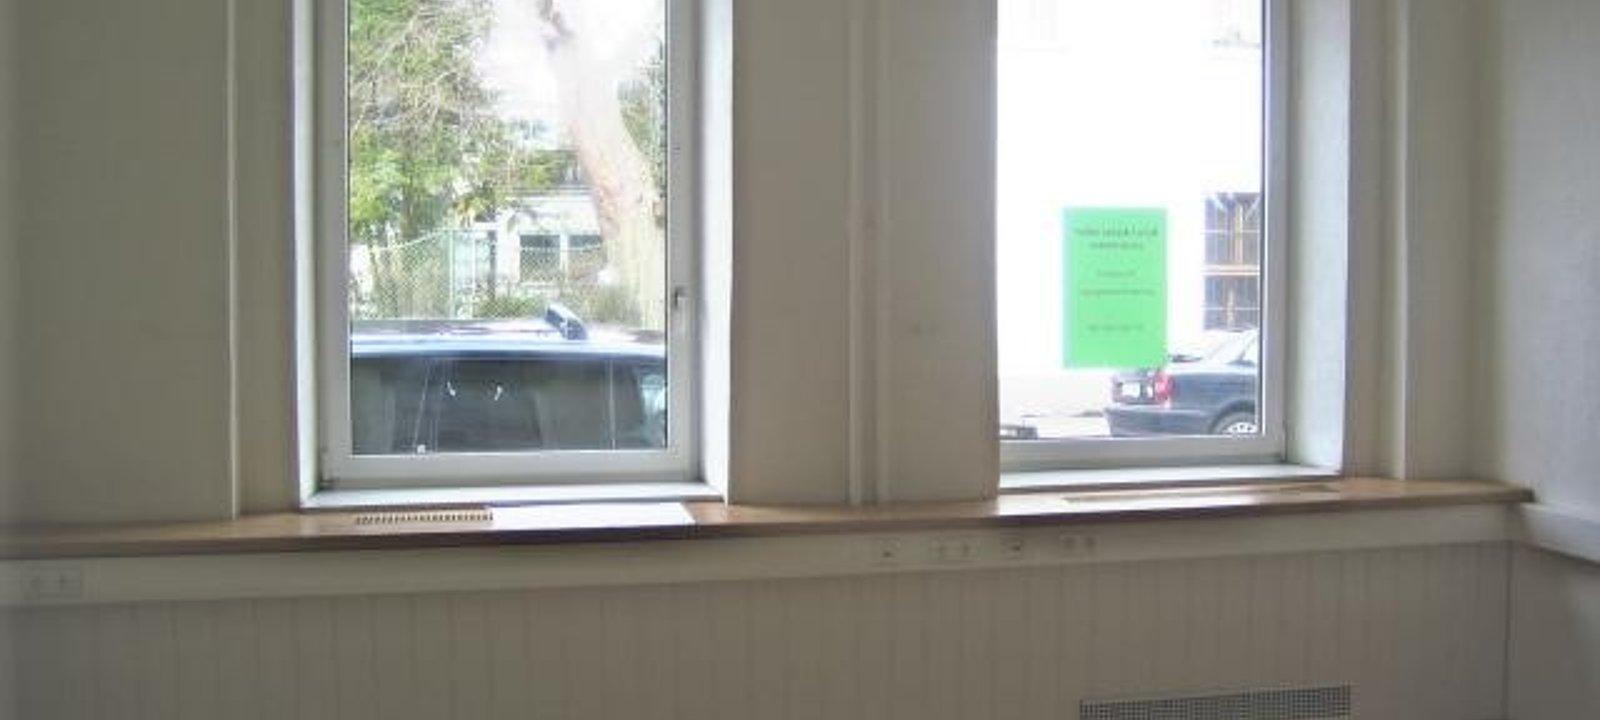 Ins4 Büro Straßenseite